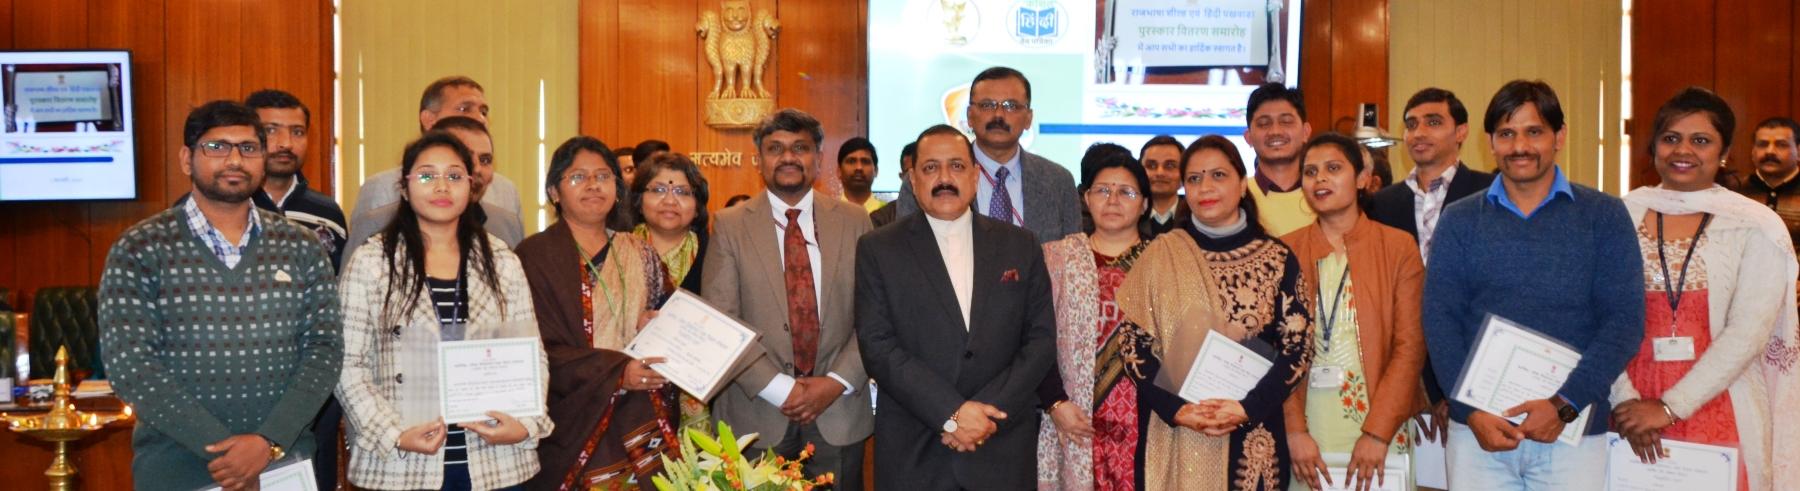 माननीय कार्मिक राज्य मंत्री डा. जितेंद्र सिंह की अध्यक्षता में दिनांक 01.02.2019 को संपन्न हुए कार्यक्रम में हिंदी पखवाड़ा के विजेताओं को पुरस्कृत किया गया